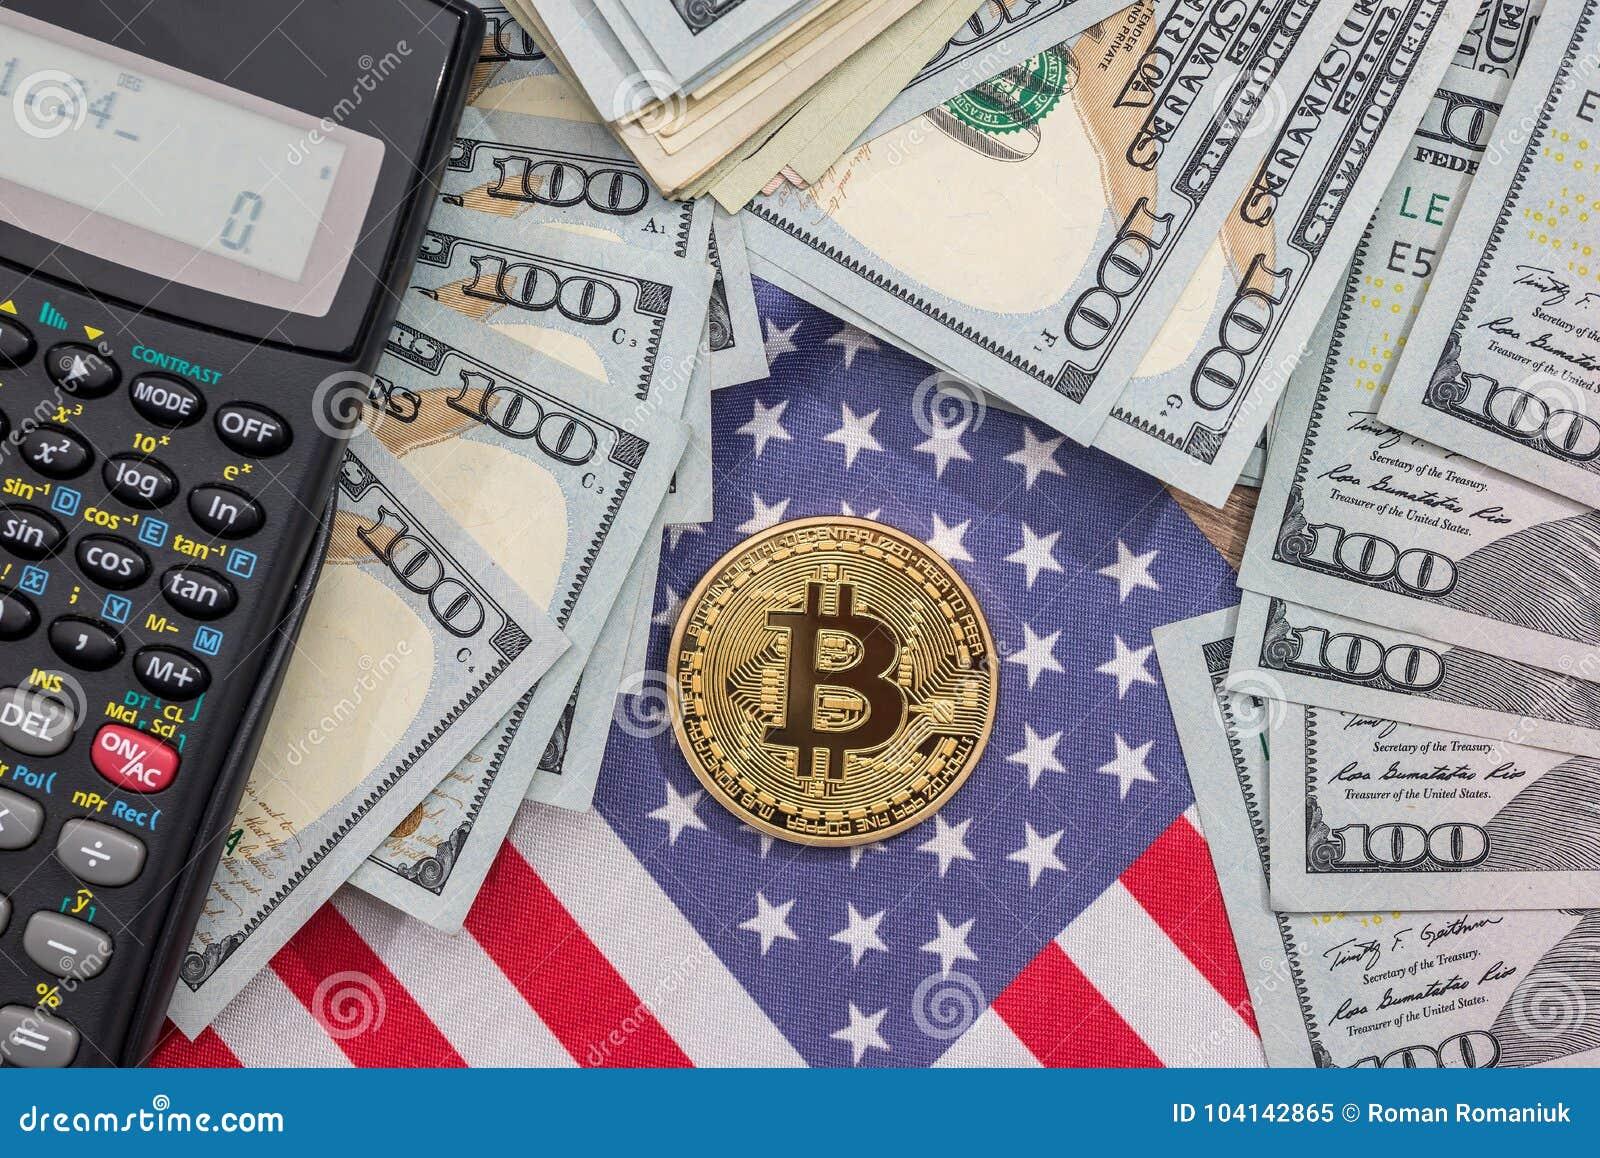 Биткоин в долларах калькулятор как расплачиваться биткоинами